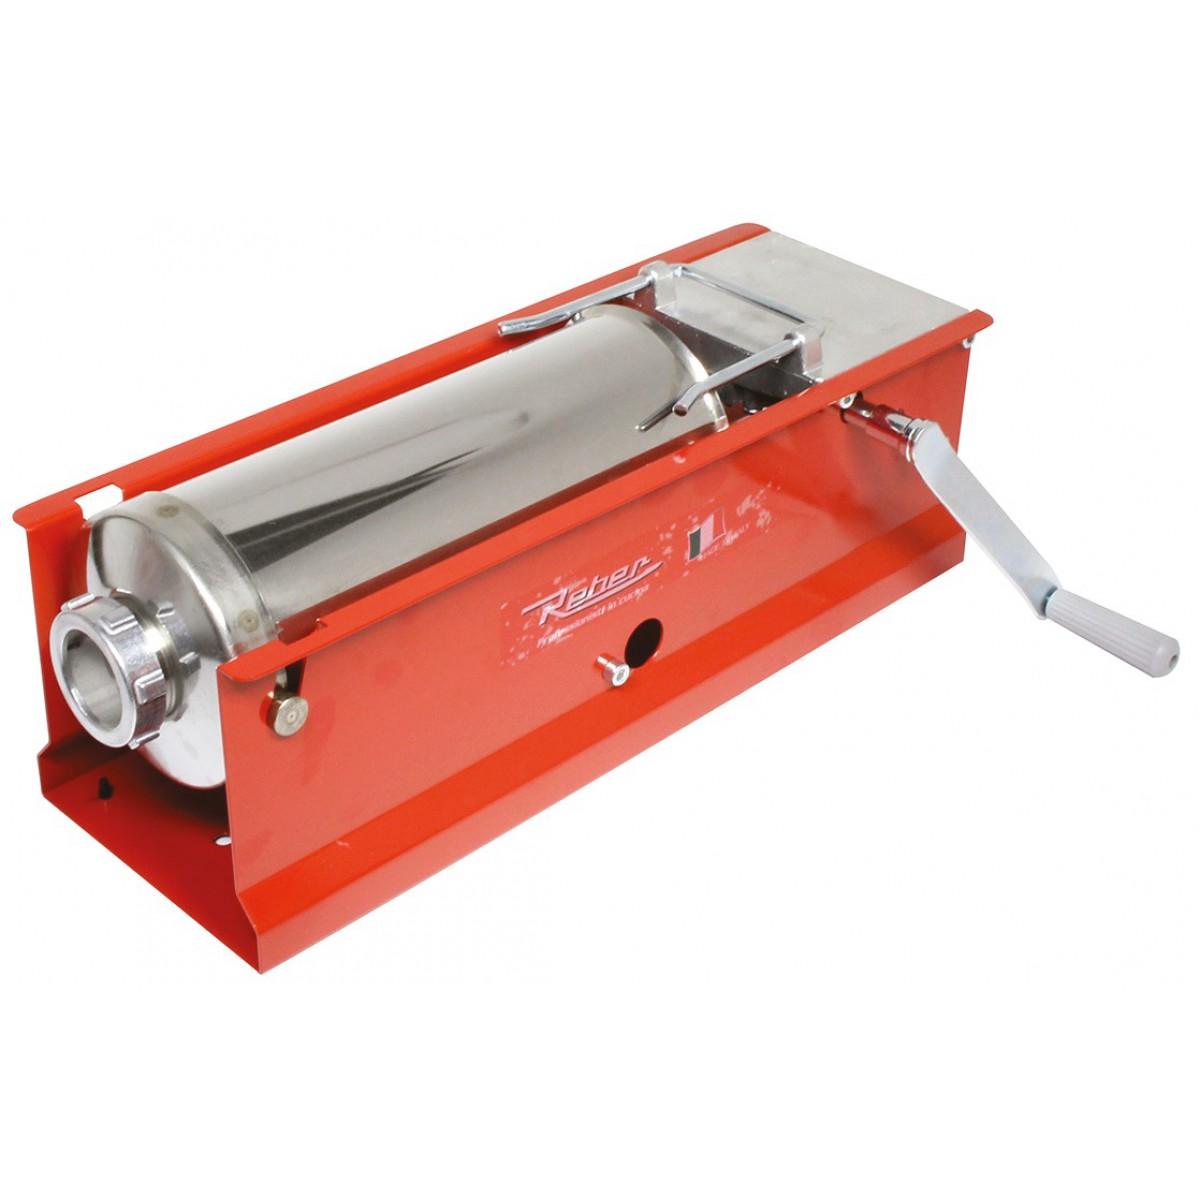 Poussoir à saucisse manuel 8951N Reber - Horizontal - Capacité 8 kg